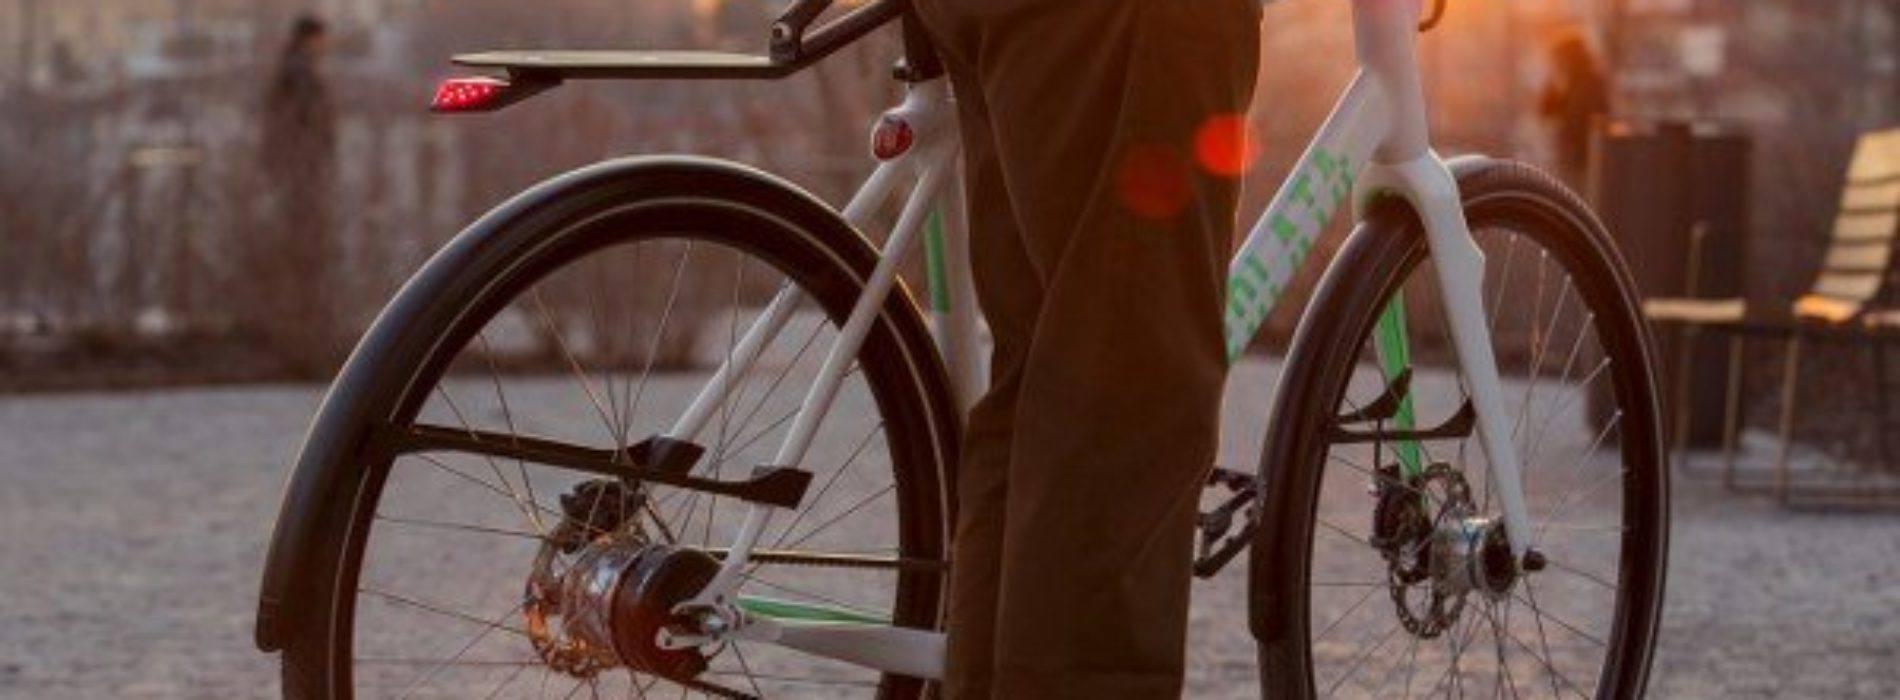 Volata 1c es una bicicleta inteligente que quiere convertirse en tu transporte diario